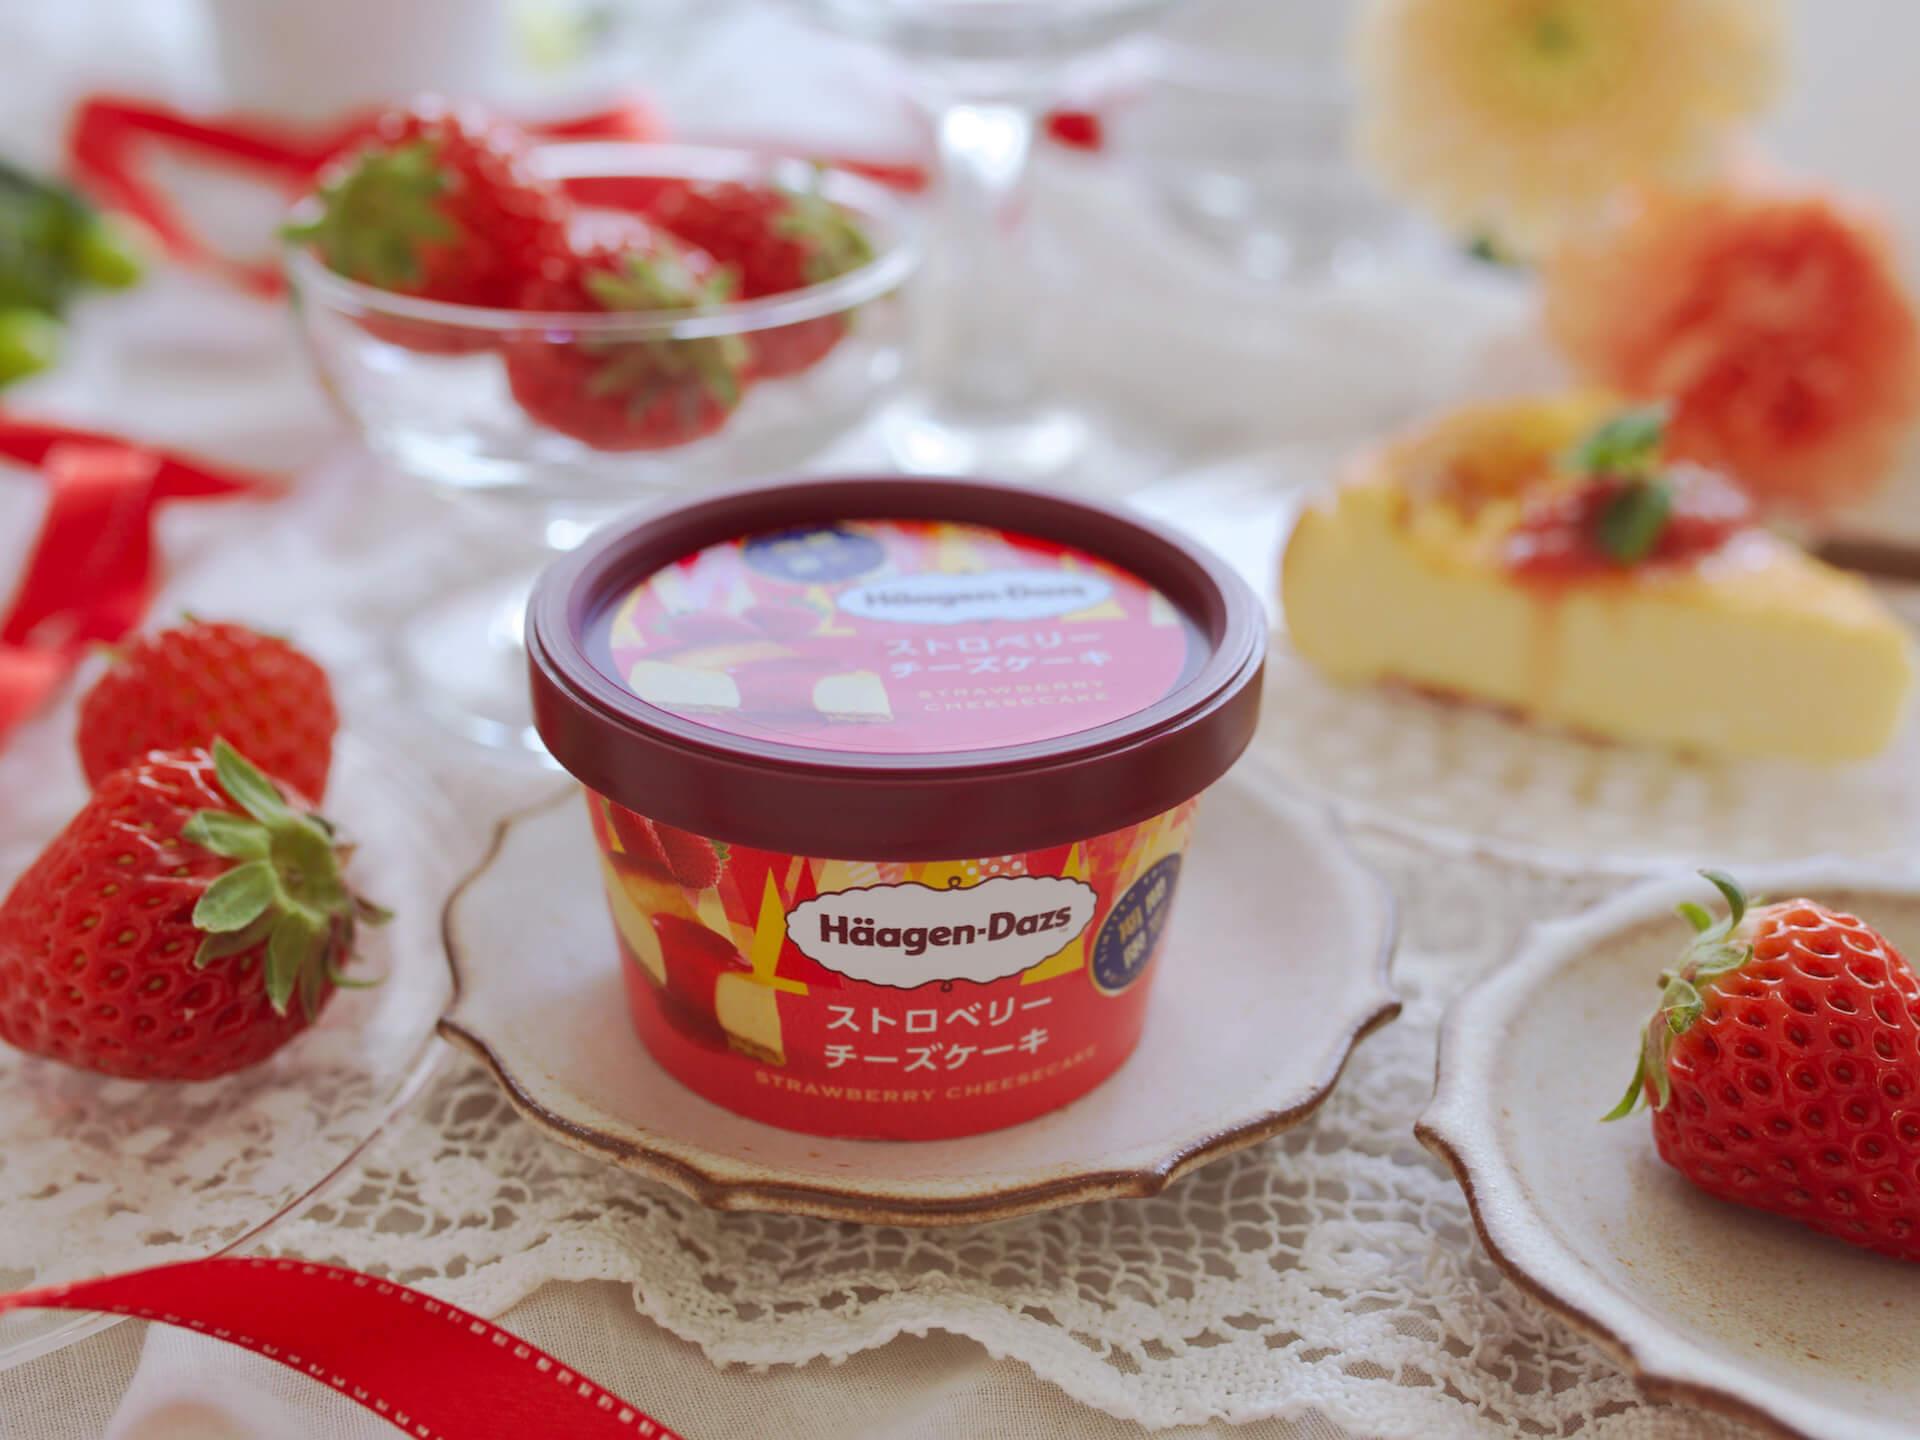 ハーゲンダッツの新フレーバー『ストロベリーチーズケーキ』が期間限定で登場!Twitterでアイスクリーム詰め合わせがもらえるキャンペーンも gourmet210125_haagendazs_2